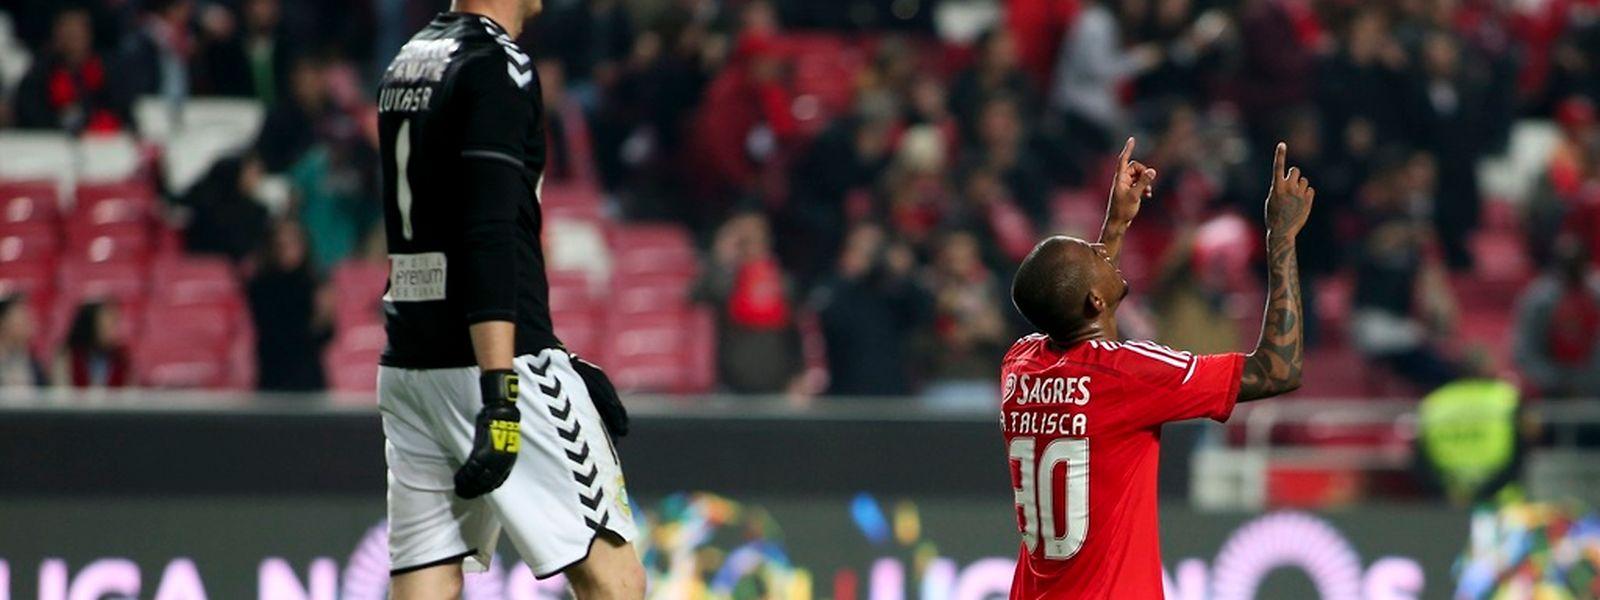 Talisca celebra o golo contra o Vitória de Setúbal